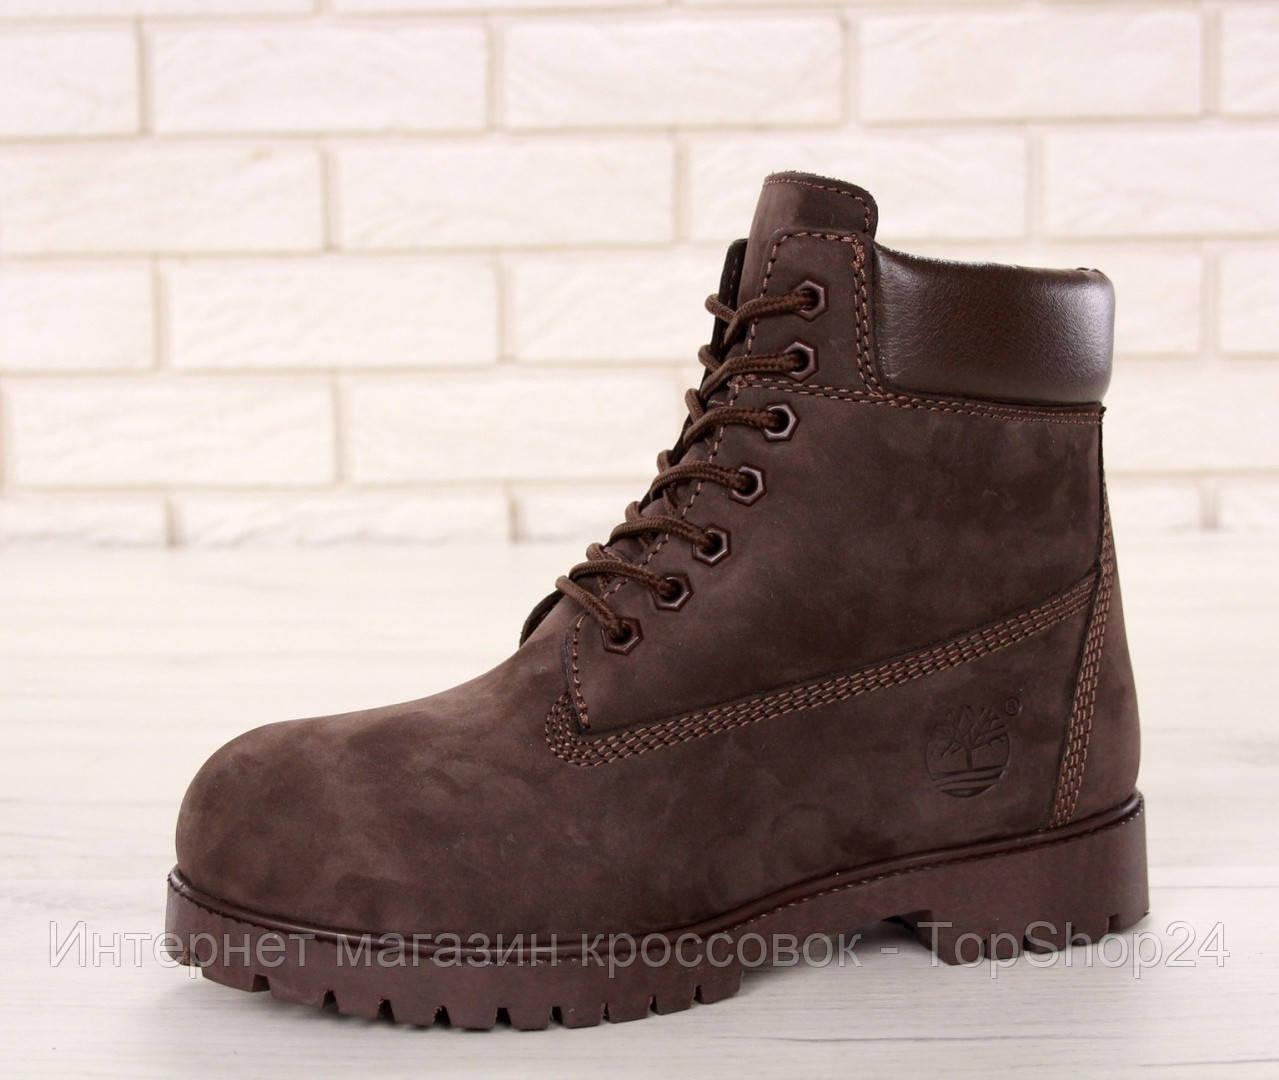 Зимние ботинки на меху Timberland Classic (реплика А+++ )